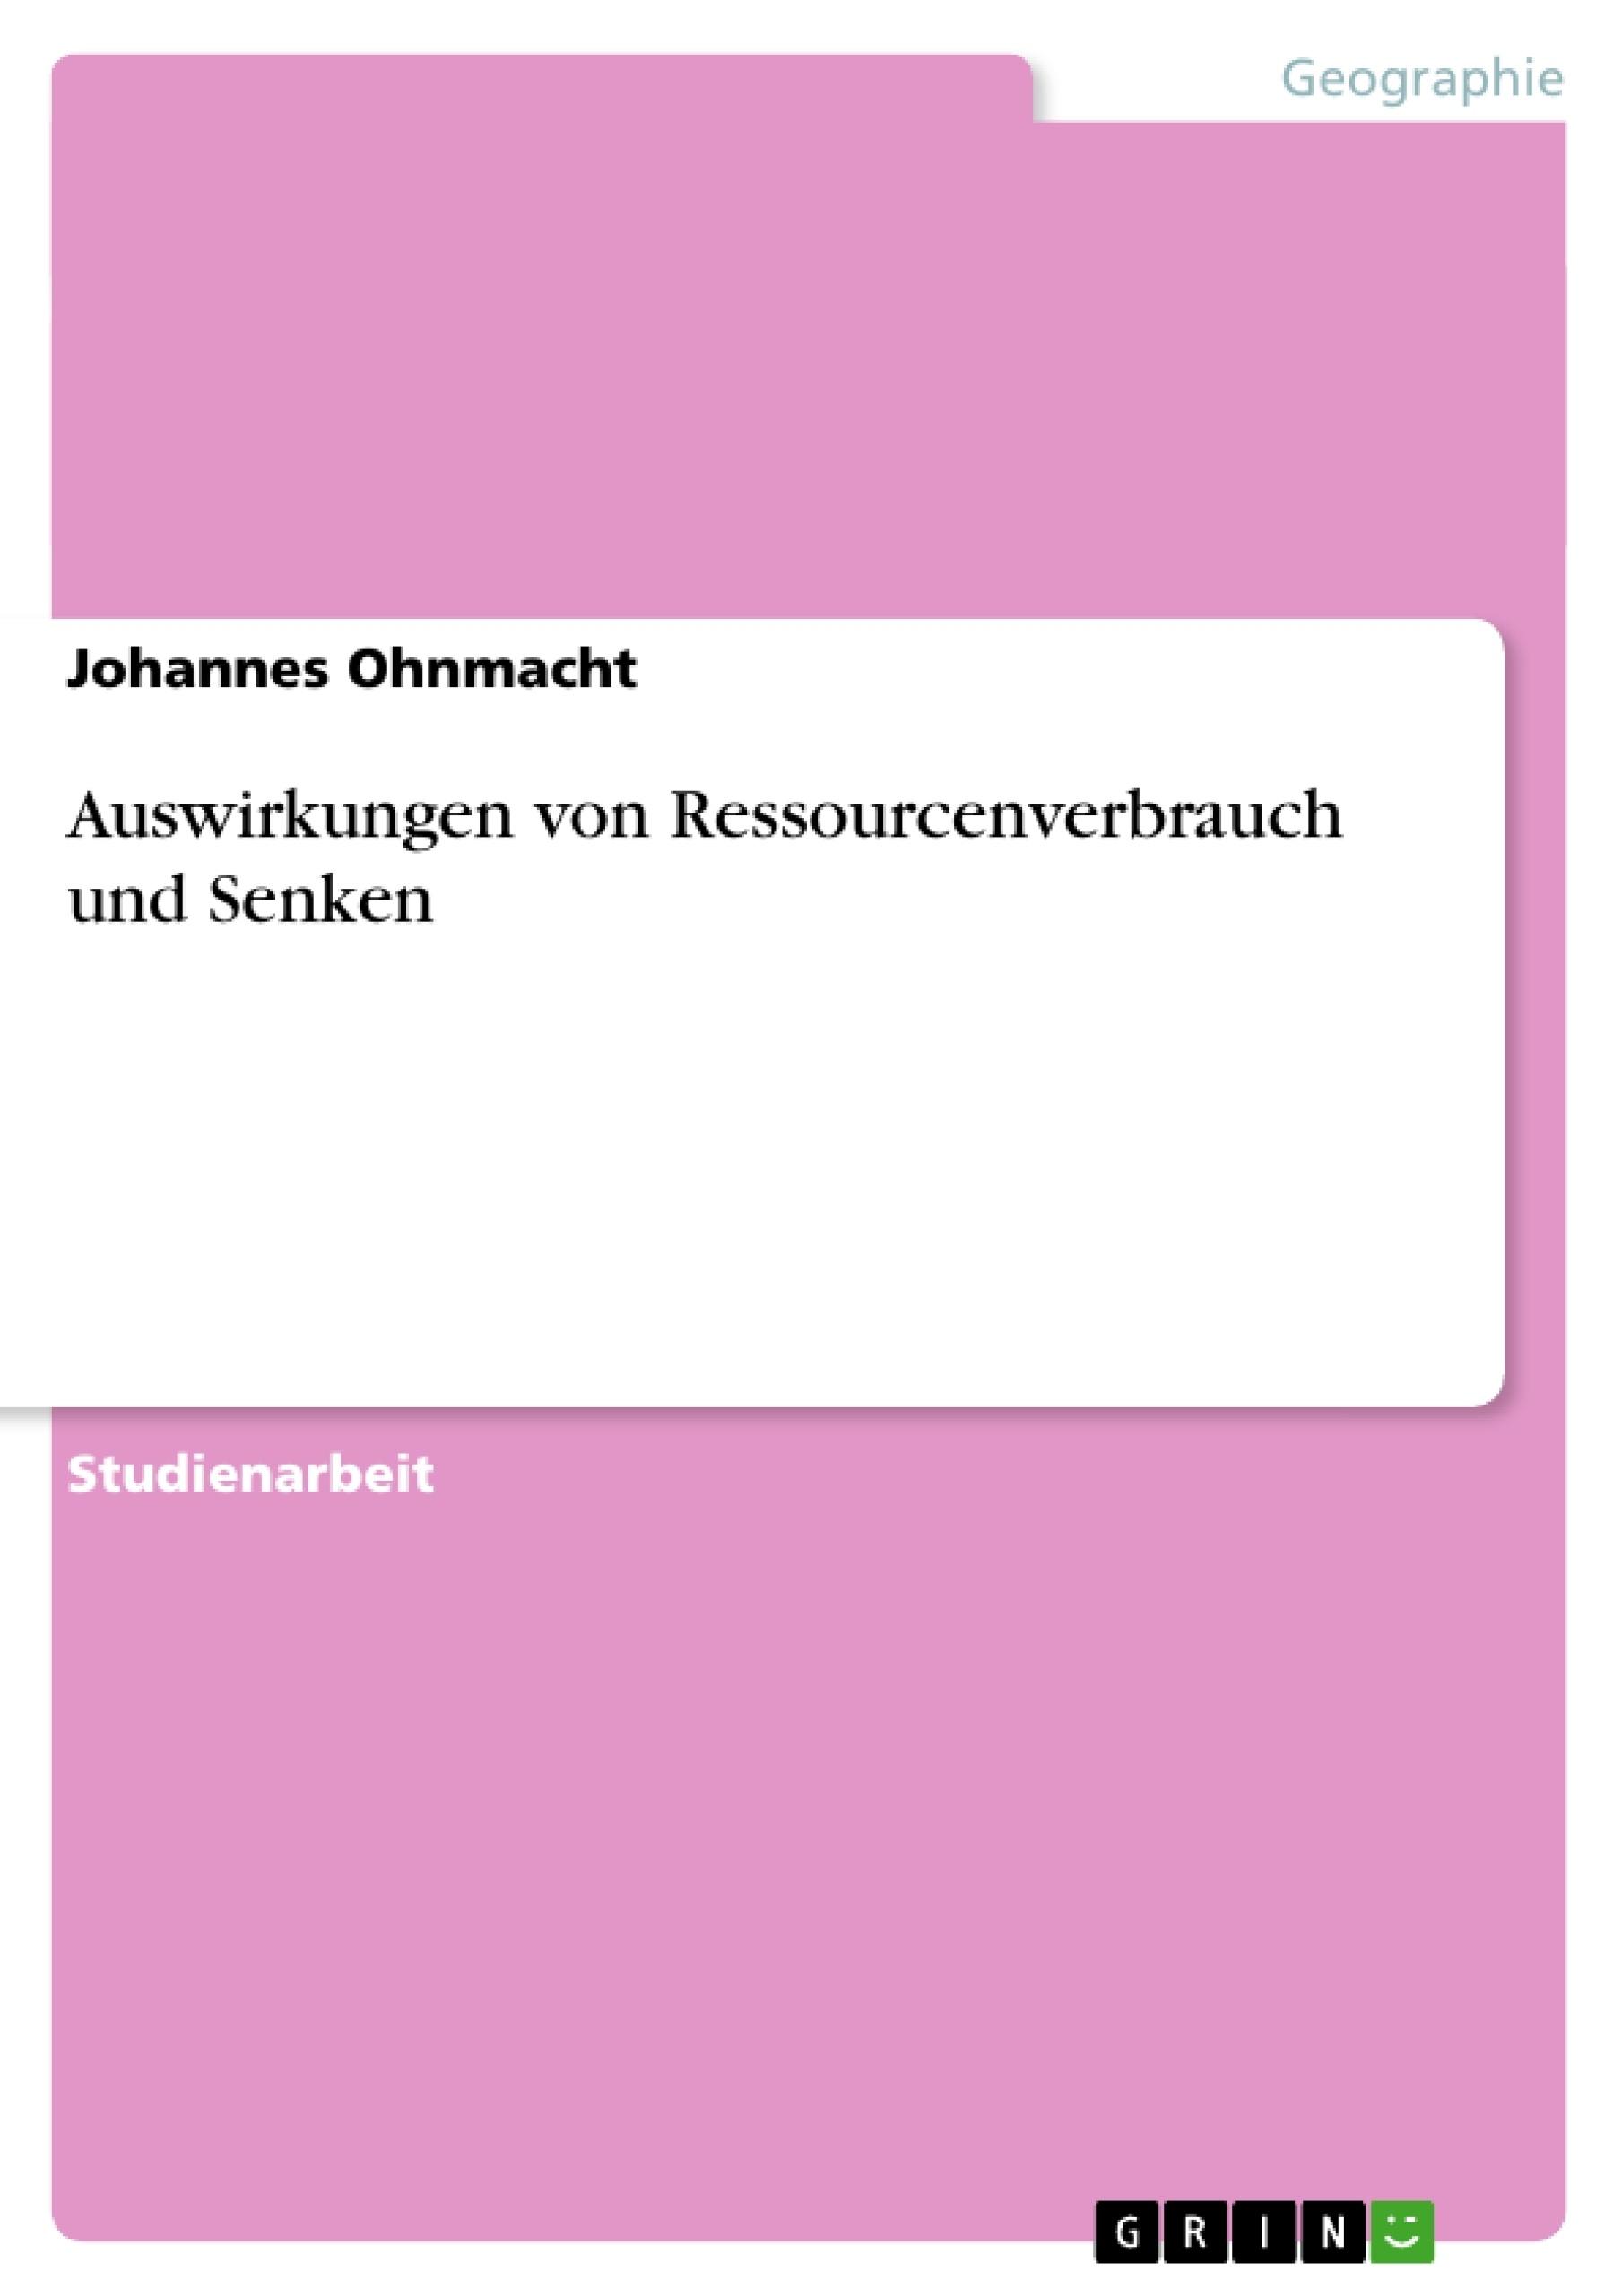 Titel: Auswirkungen von Ressourcenverbrauch und Senken